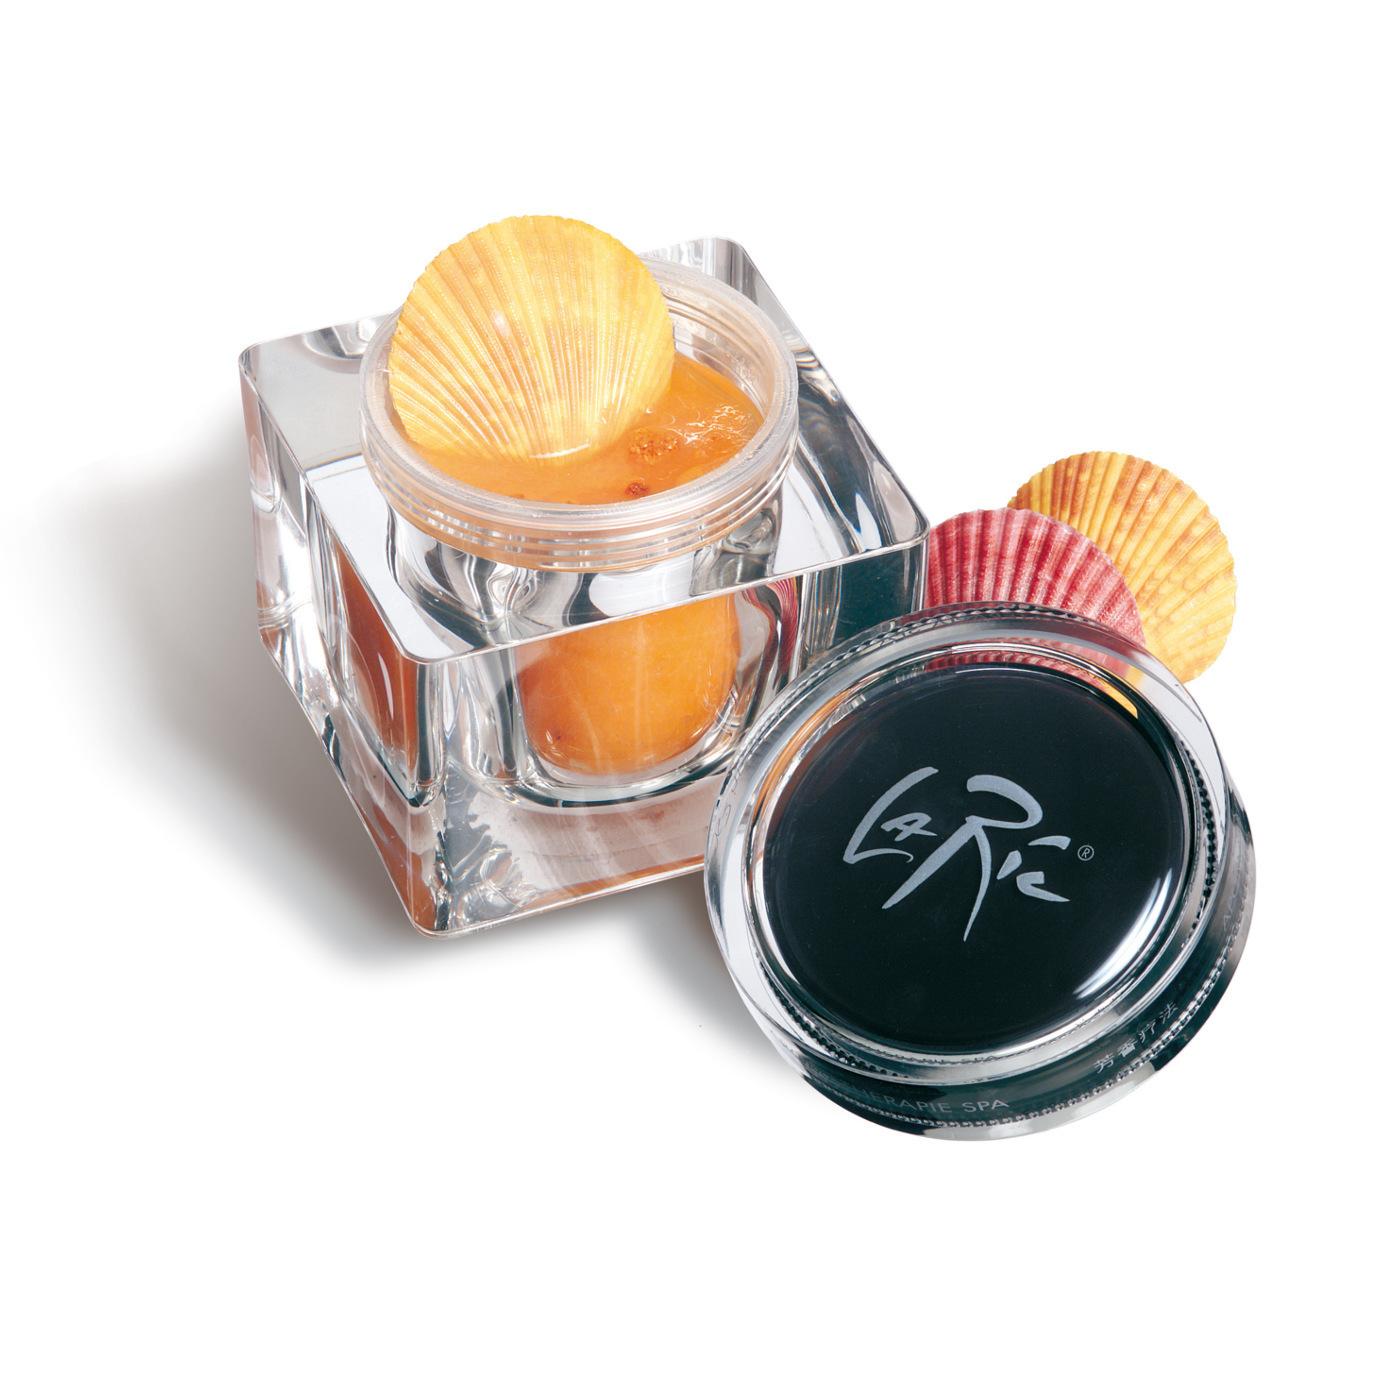 Арома скраб-уход Экзотика | Aroma SPA-Luxus Exotic